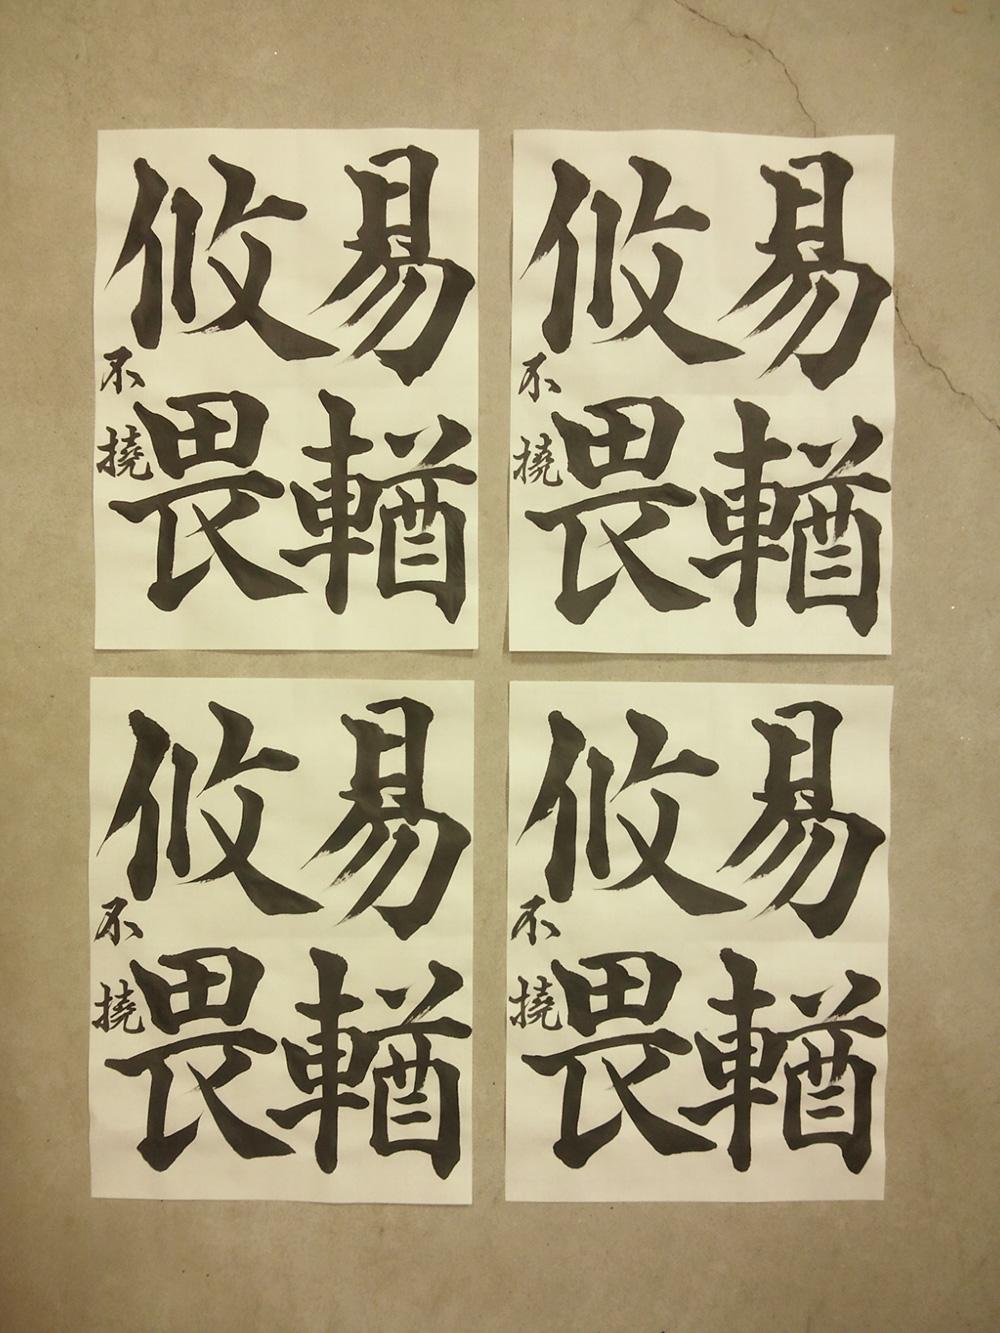 20130808_senjimon_kai_1.jpg